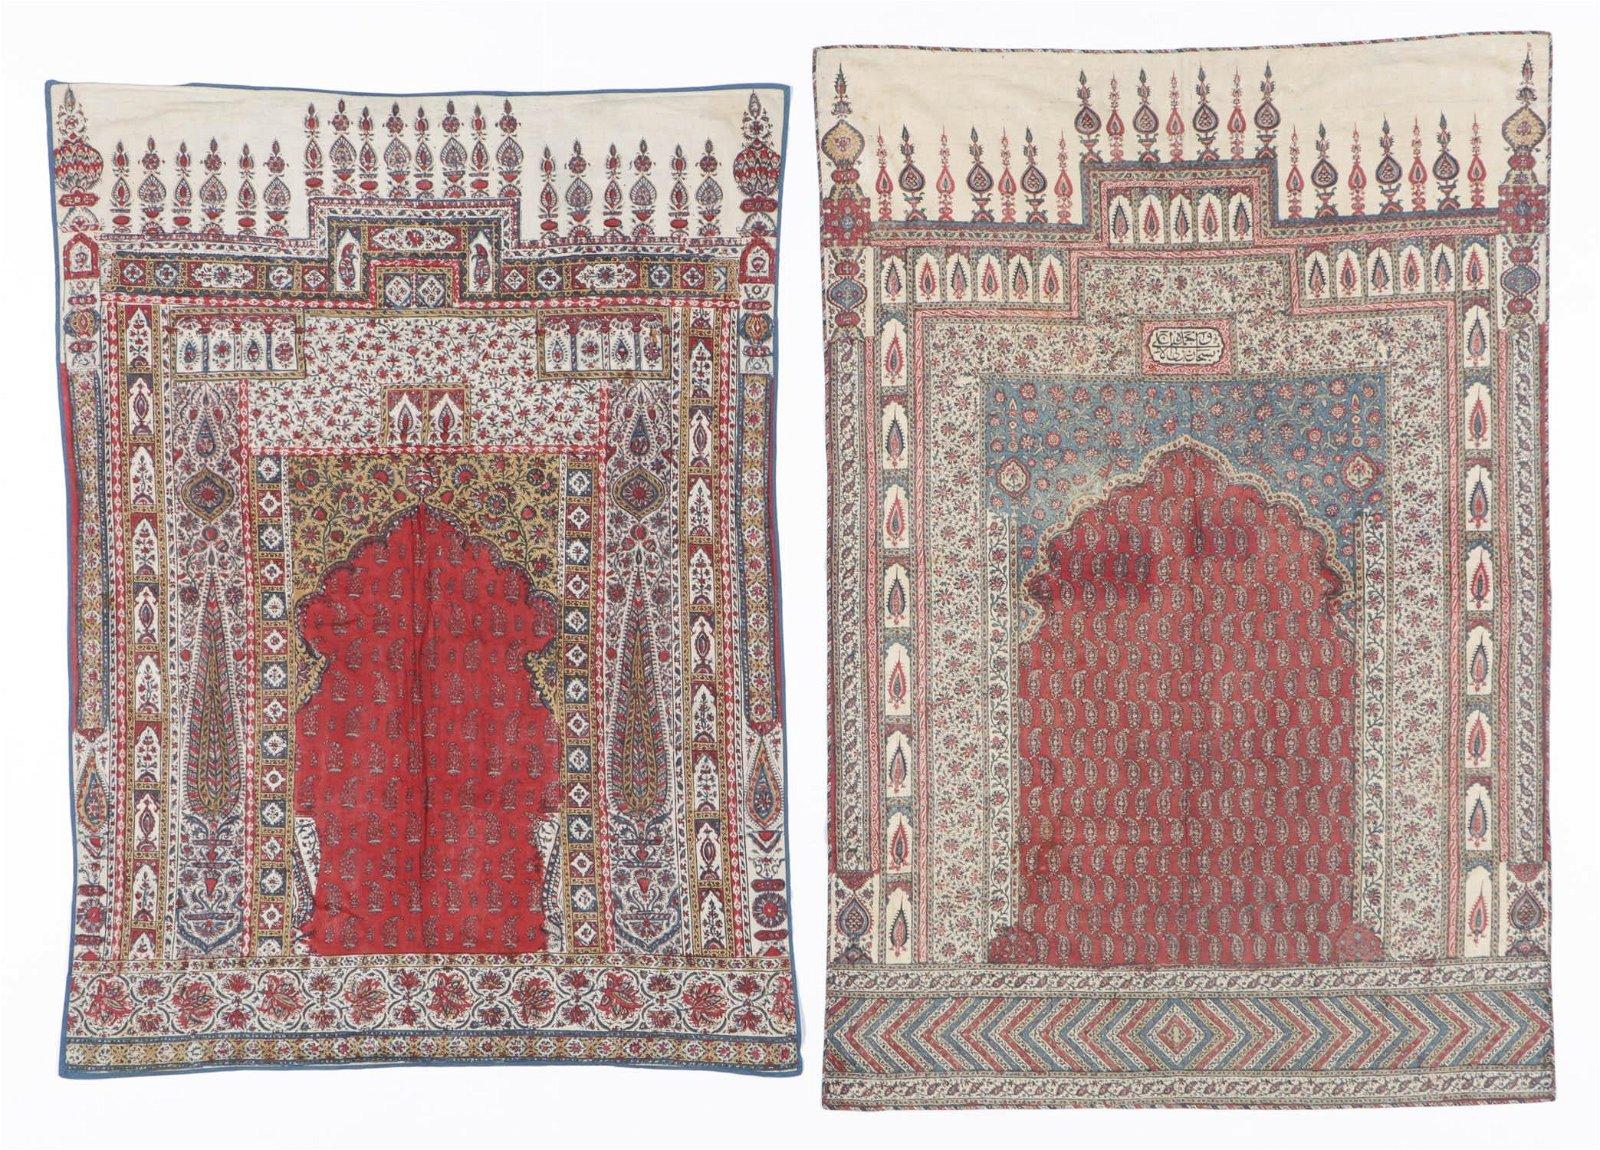 2 Persian Block Printed Textiles